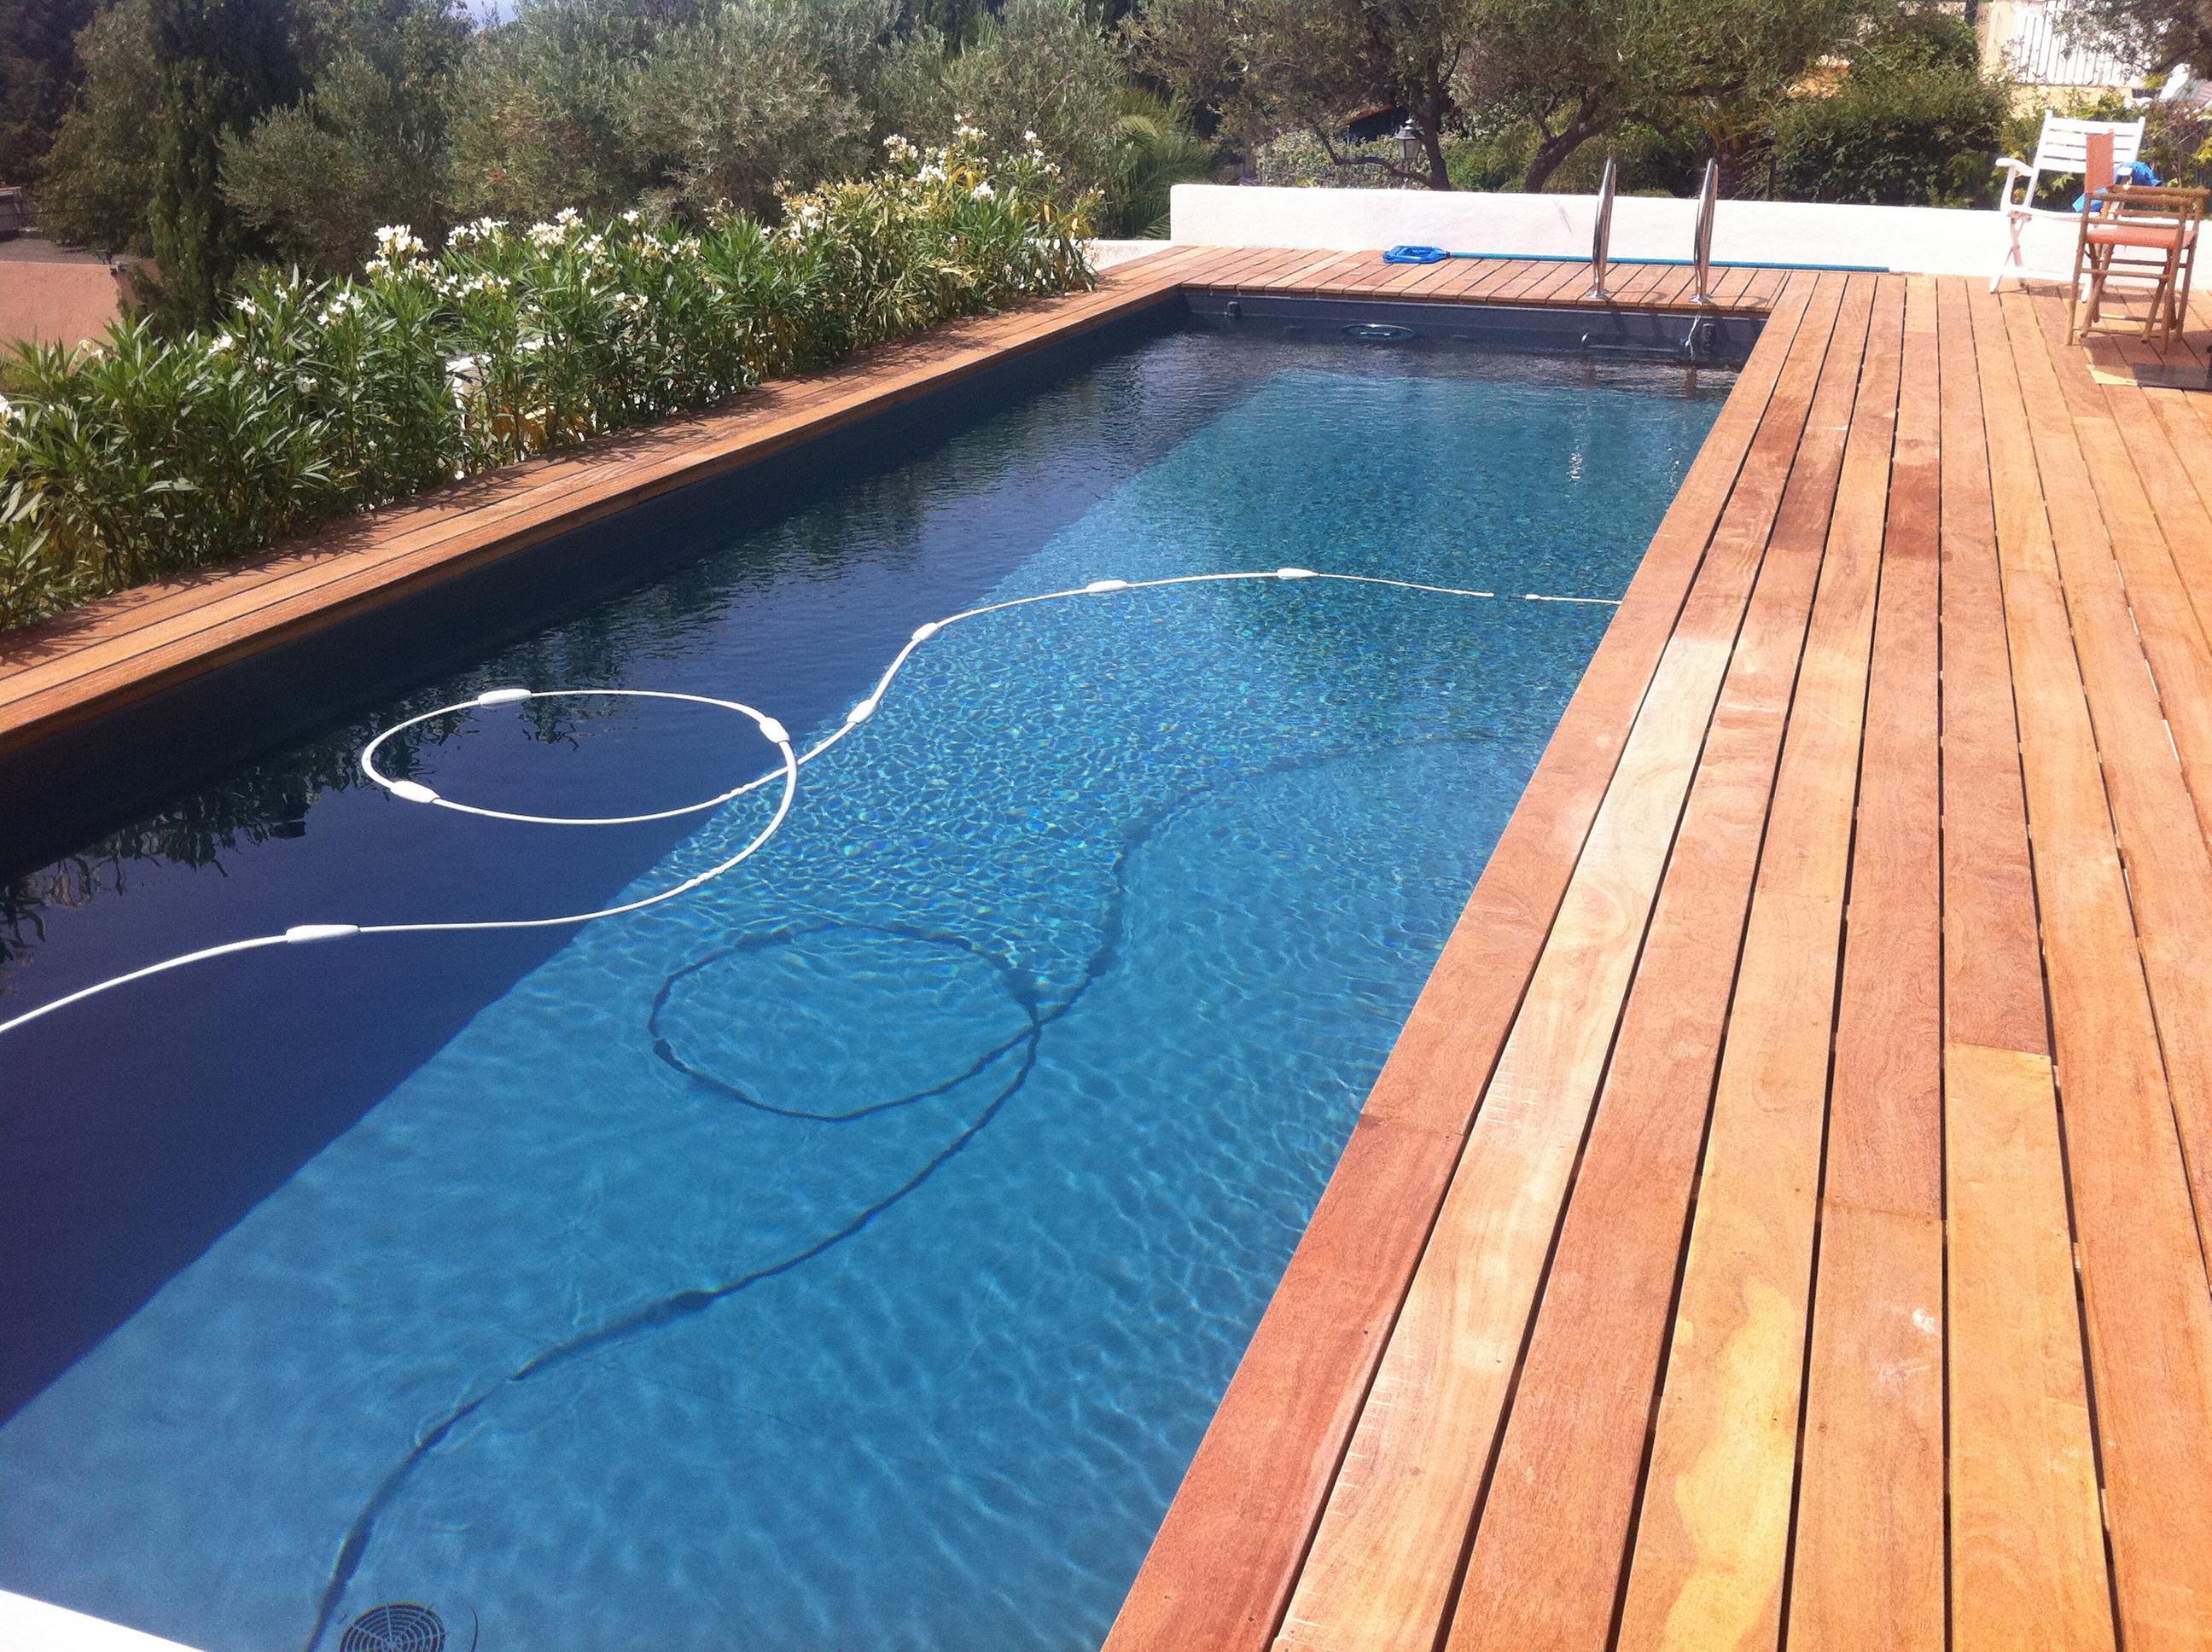 Le pvc arm ou membrane arm e le liner ou pvc arm piscine - Pvc arme piscine prix ...